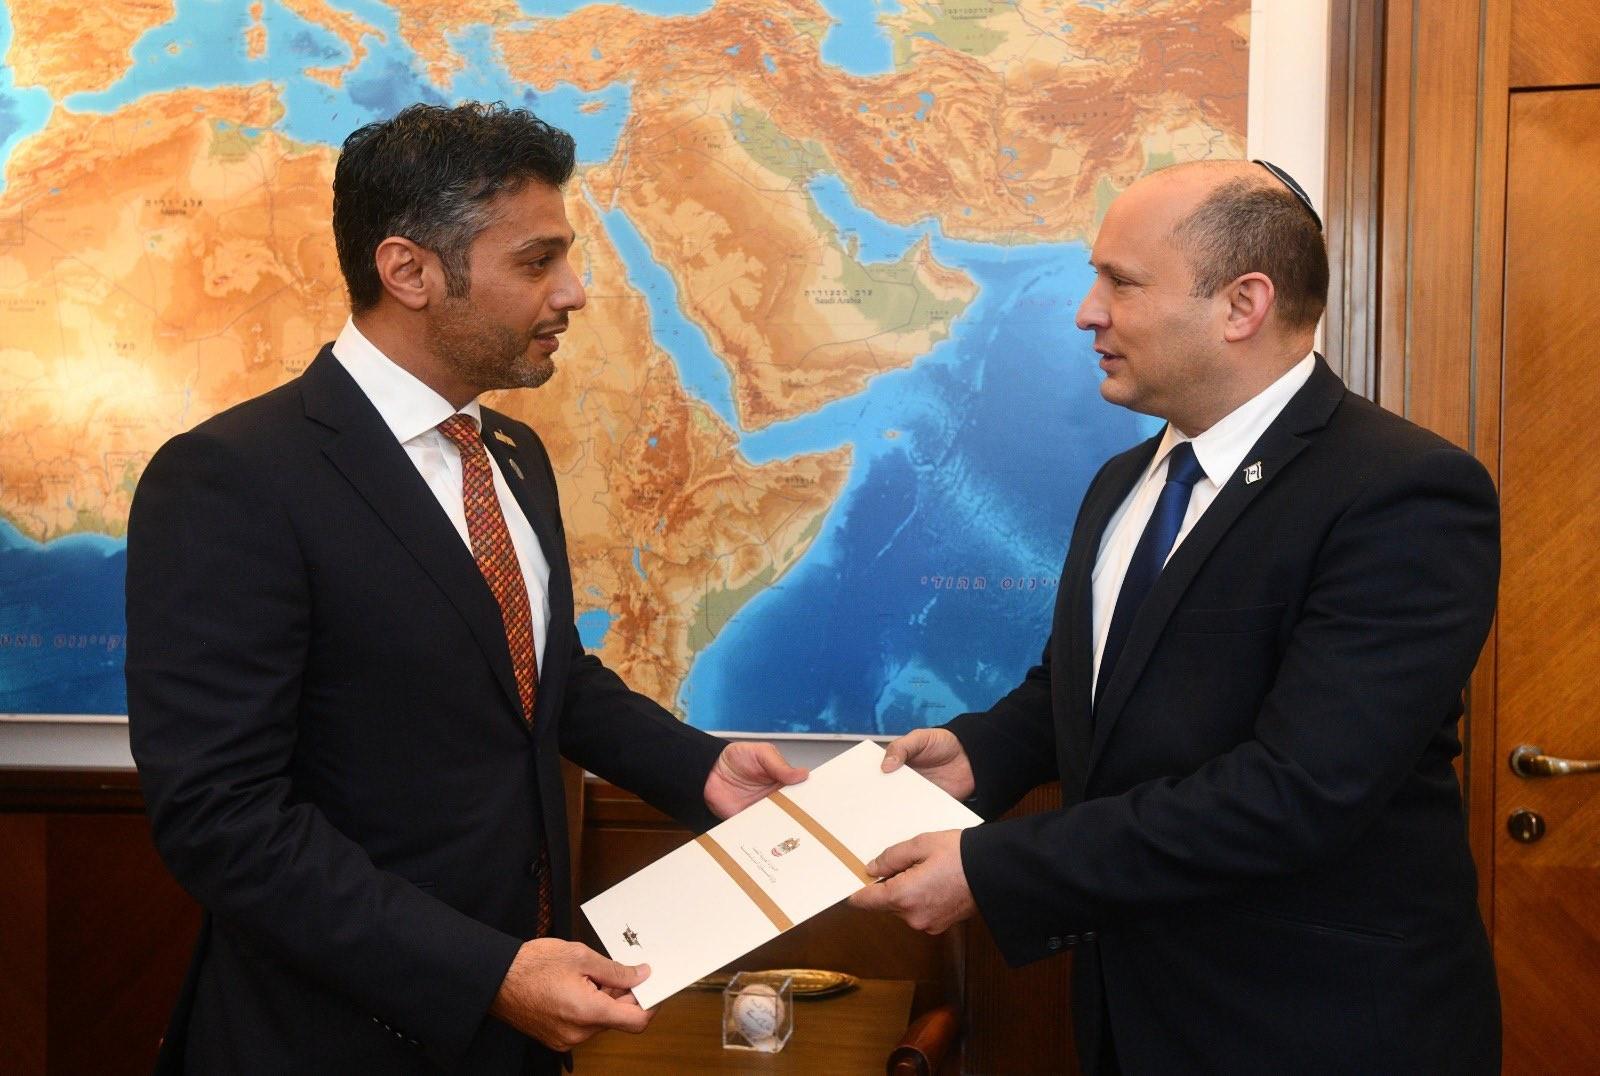 الخيانة مُستمرة.. بن زايد يدعو نفتالي بينيت رسميًا لزيارة الإمارات